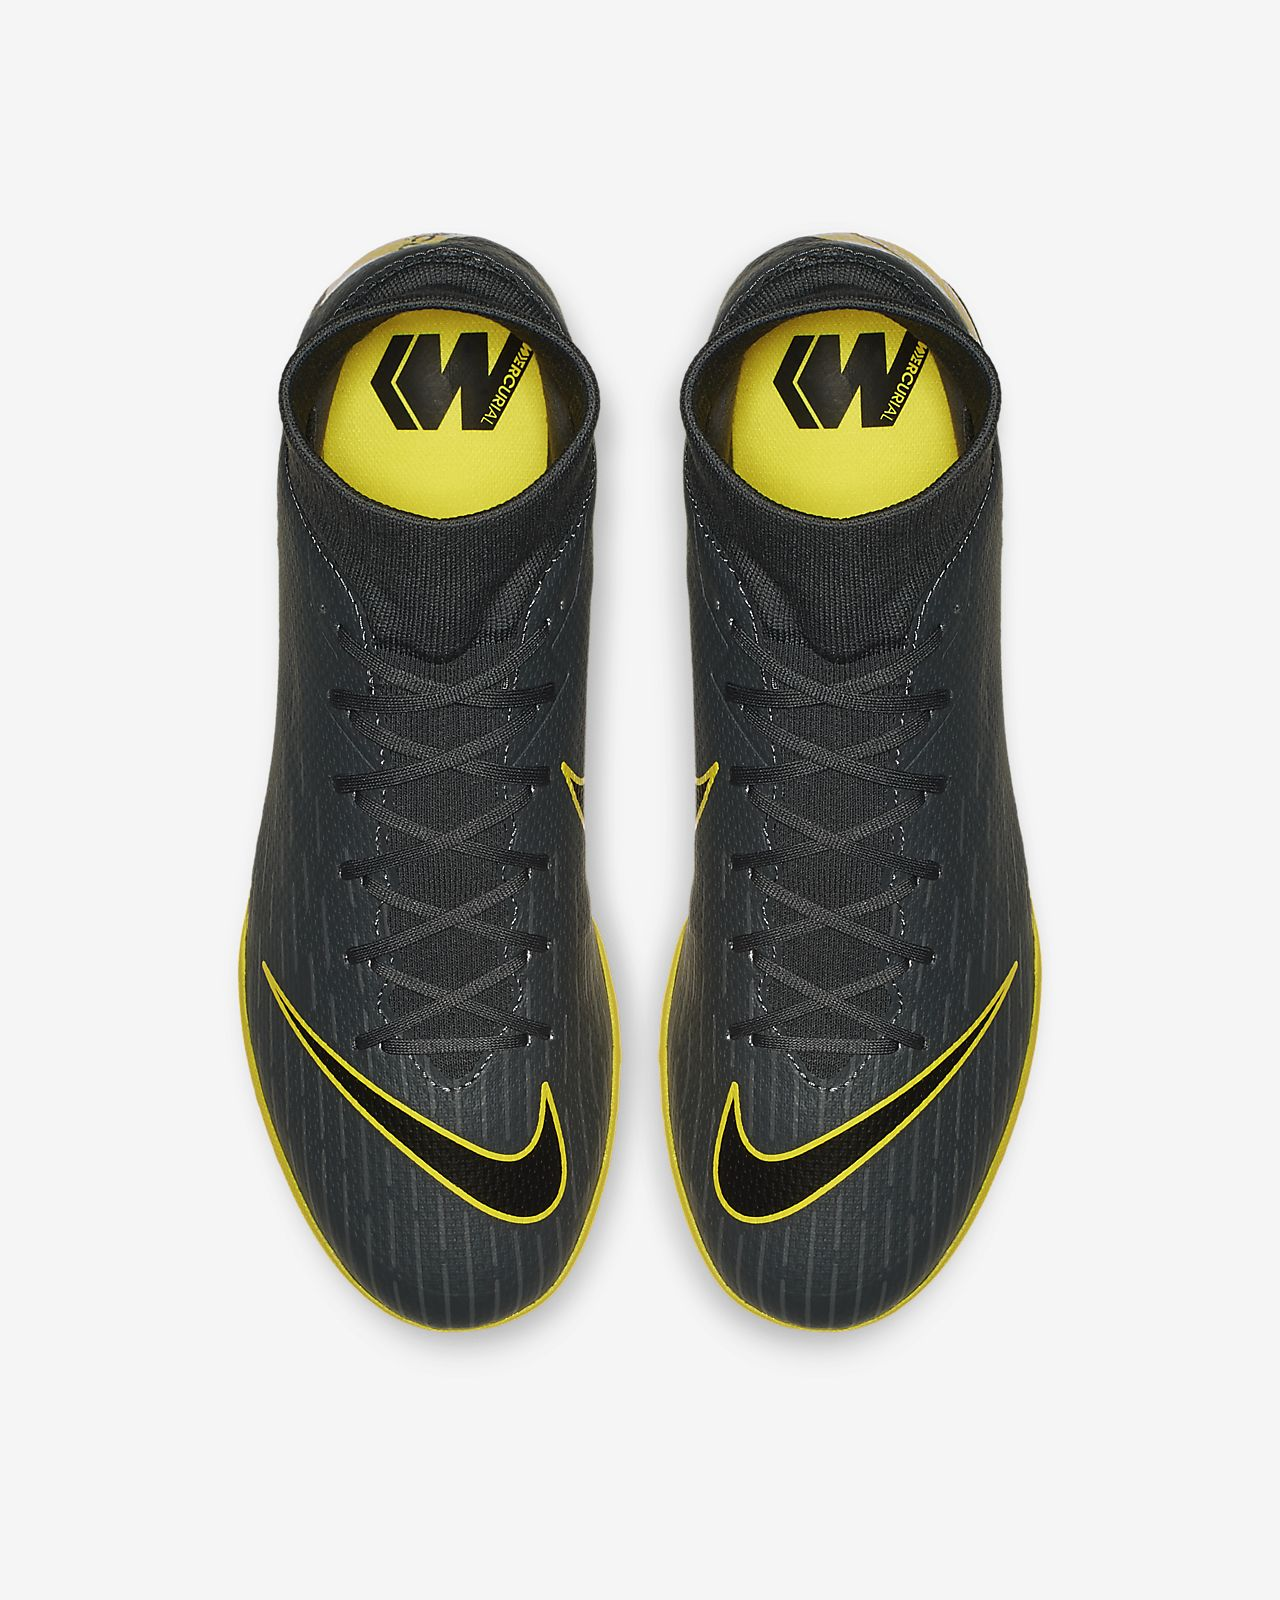 40e6dfa7fd861 Nike SuperflyX 6 Academy TF Turf Football Boot. Nike.com IE